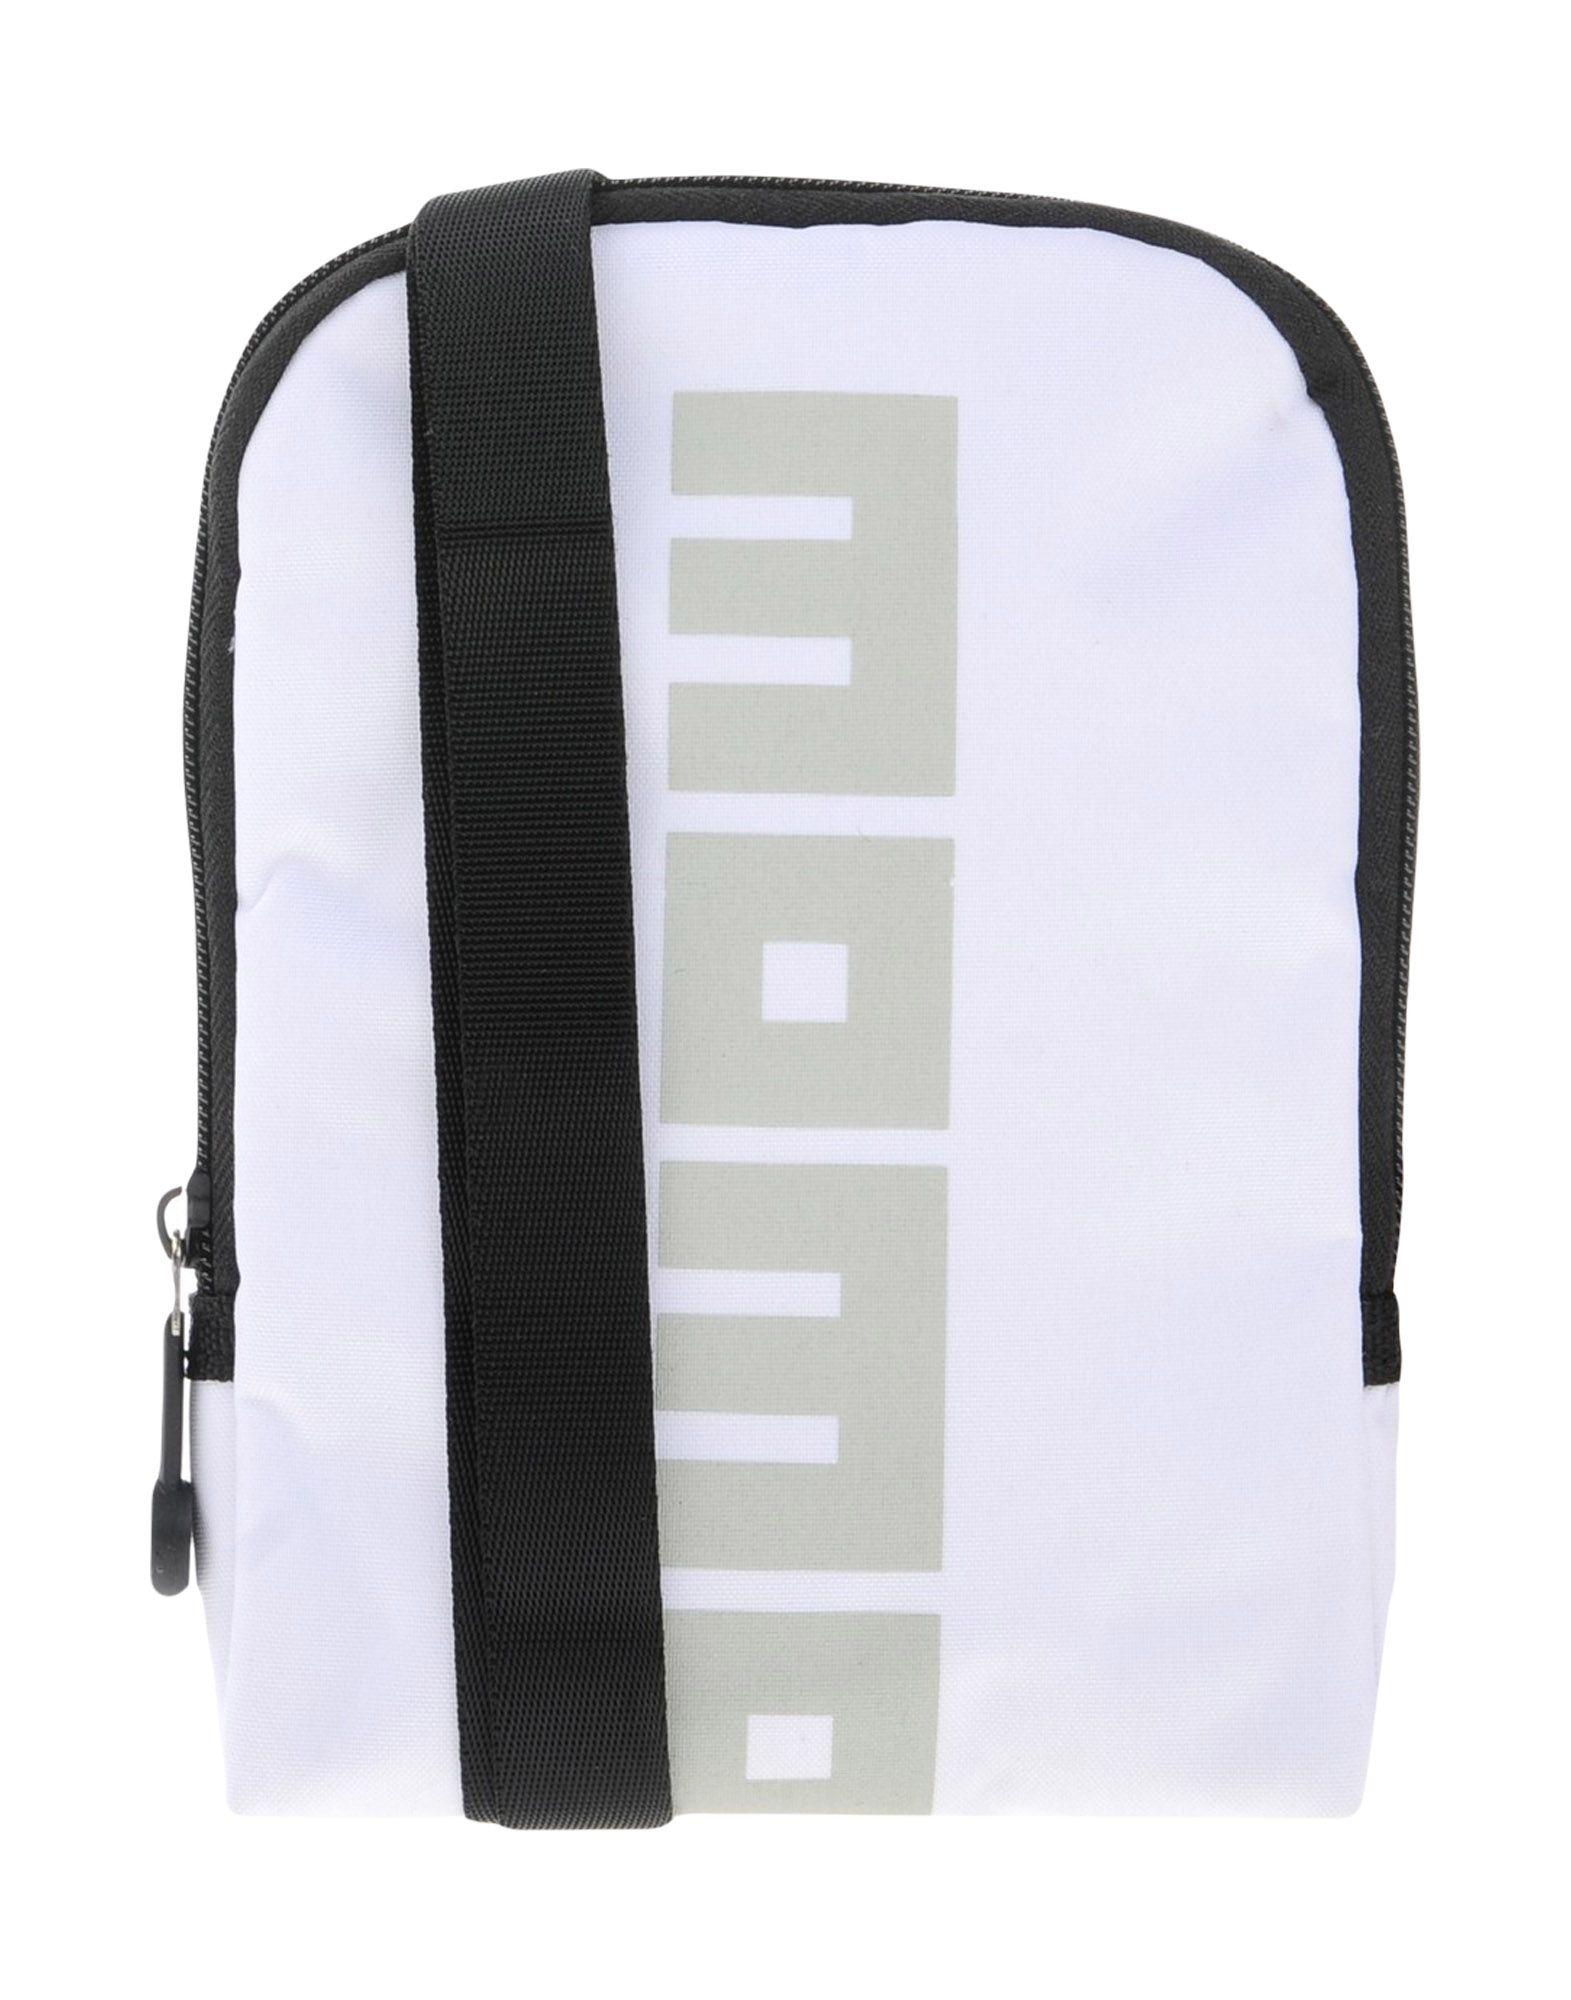 MOMO DESIGN Сумка через плечо сумка через плечо anais gvani croco ag 1471 350161